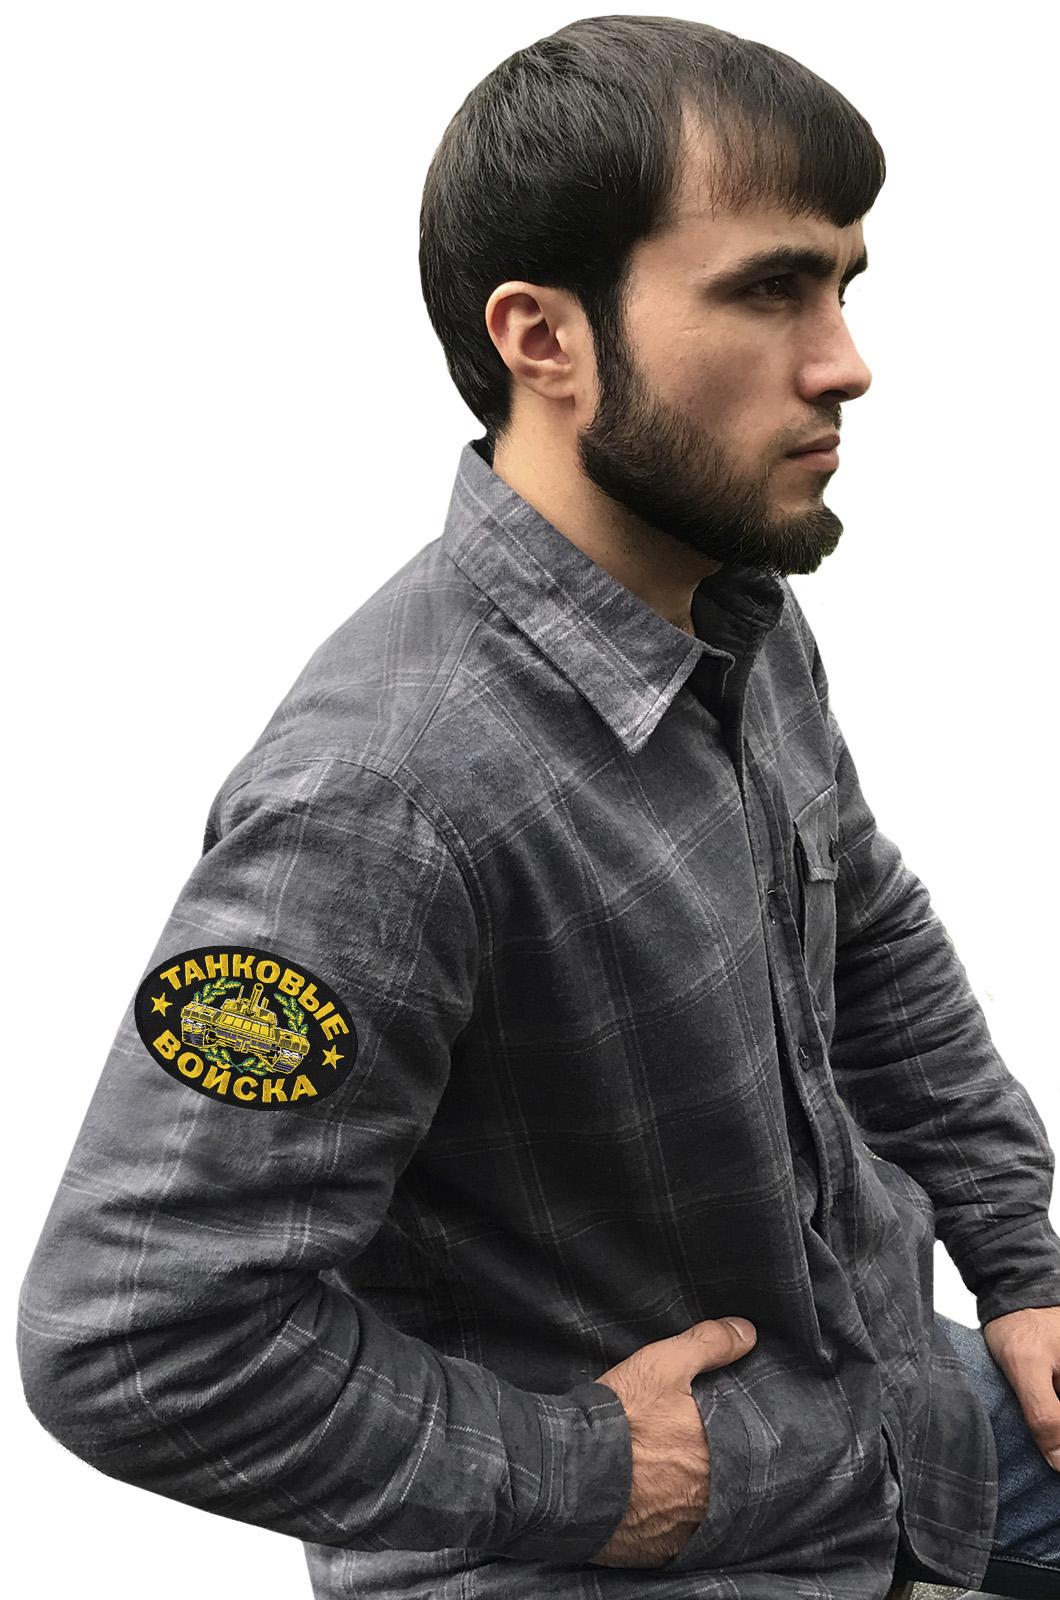 Купить в Москве с доставкой рубашку «Танковые войска»